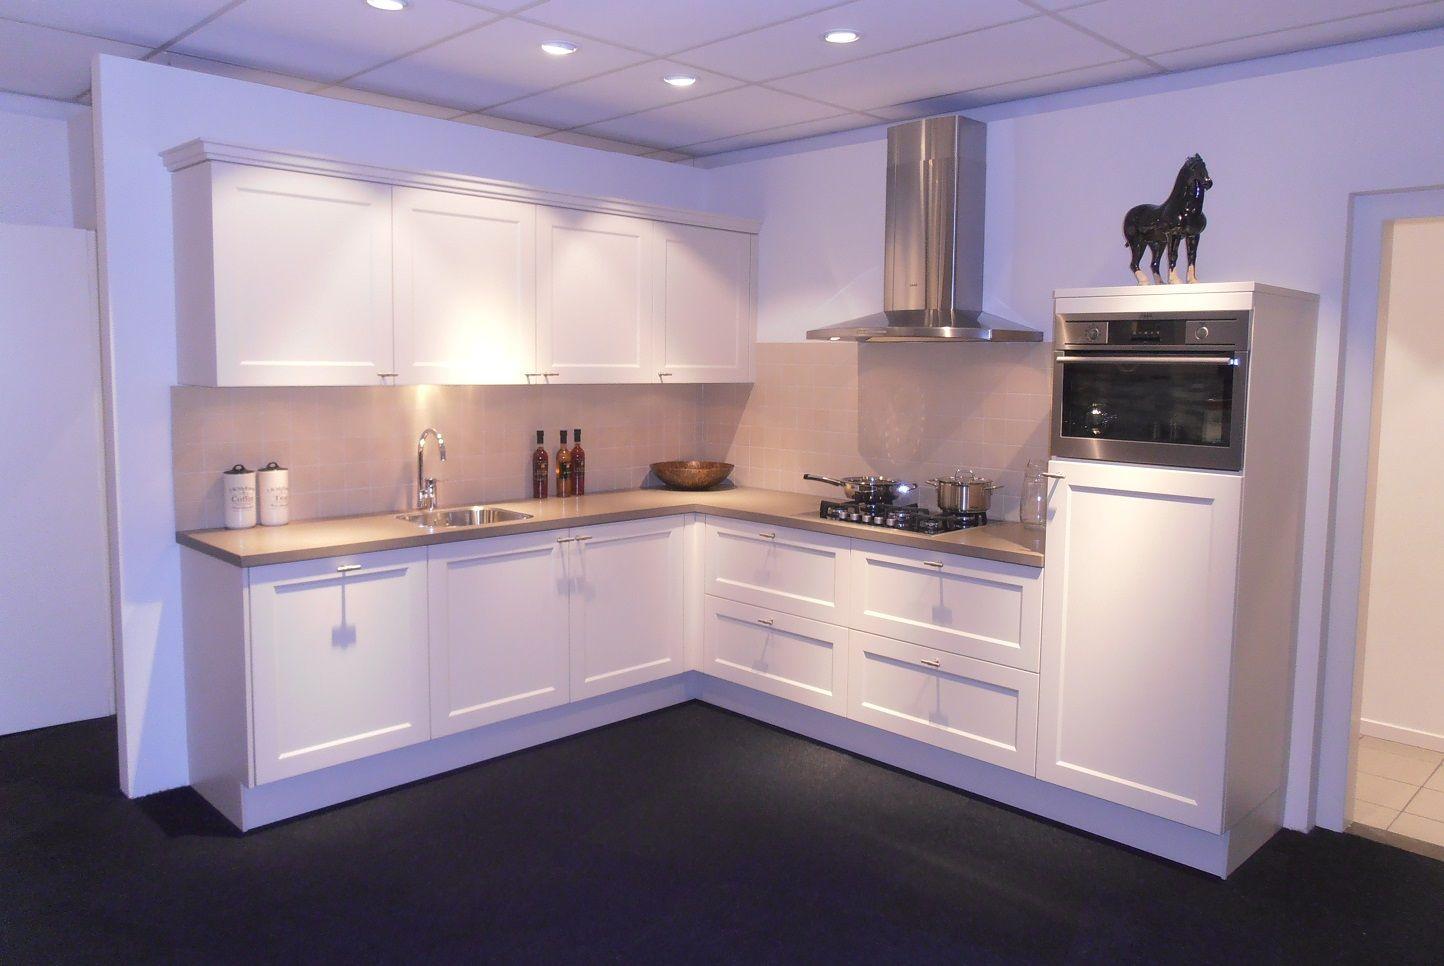 Landelijke keuken in magnolia wit 57742 - Credence keuken wit ...